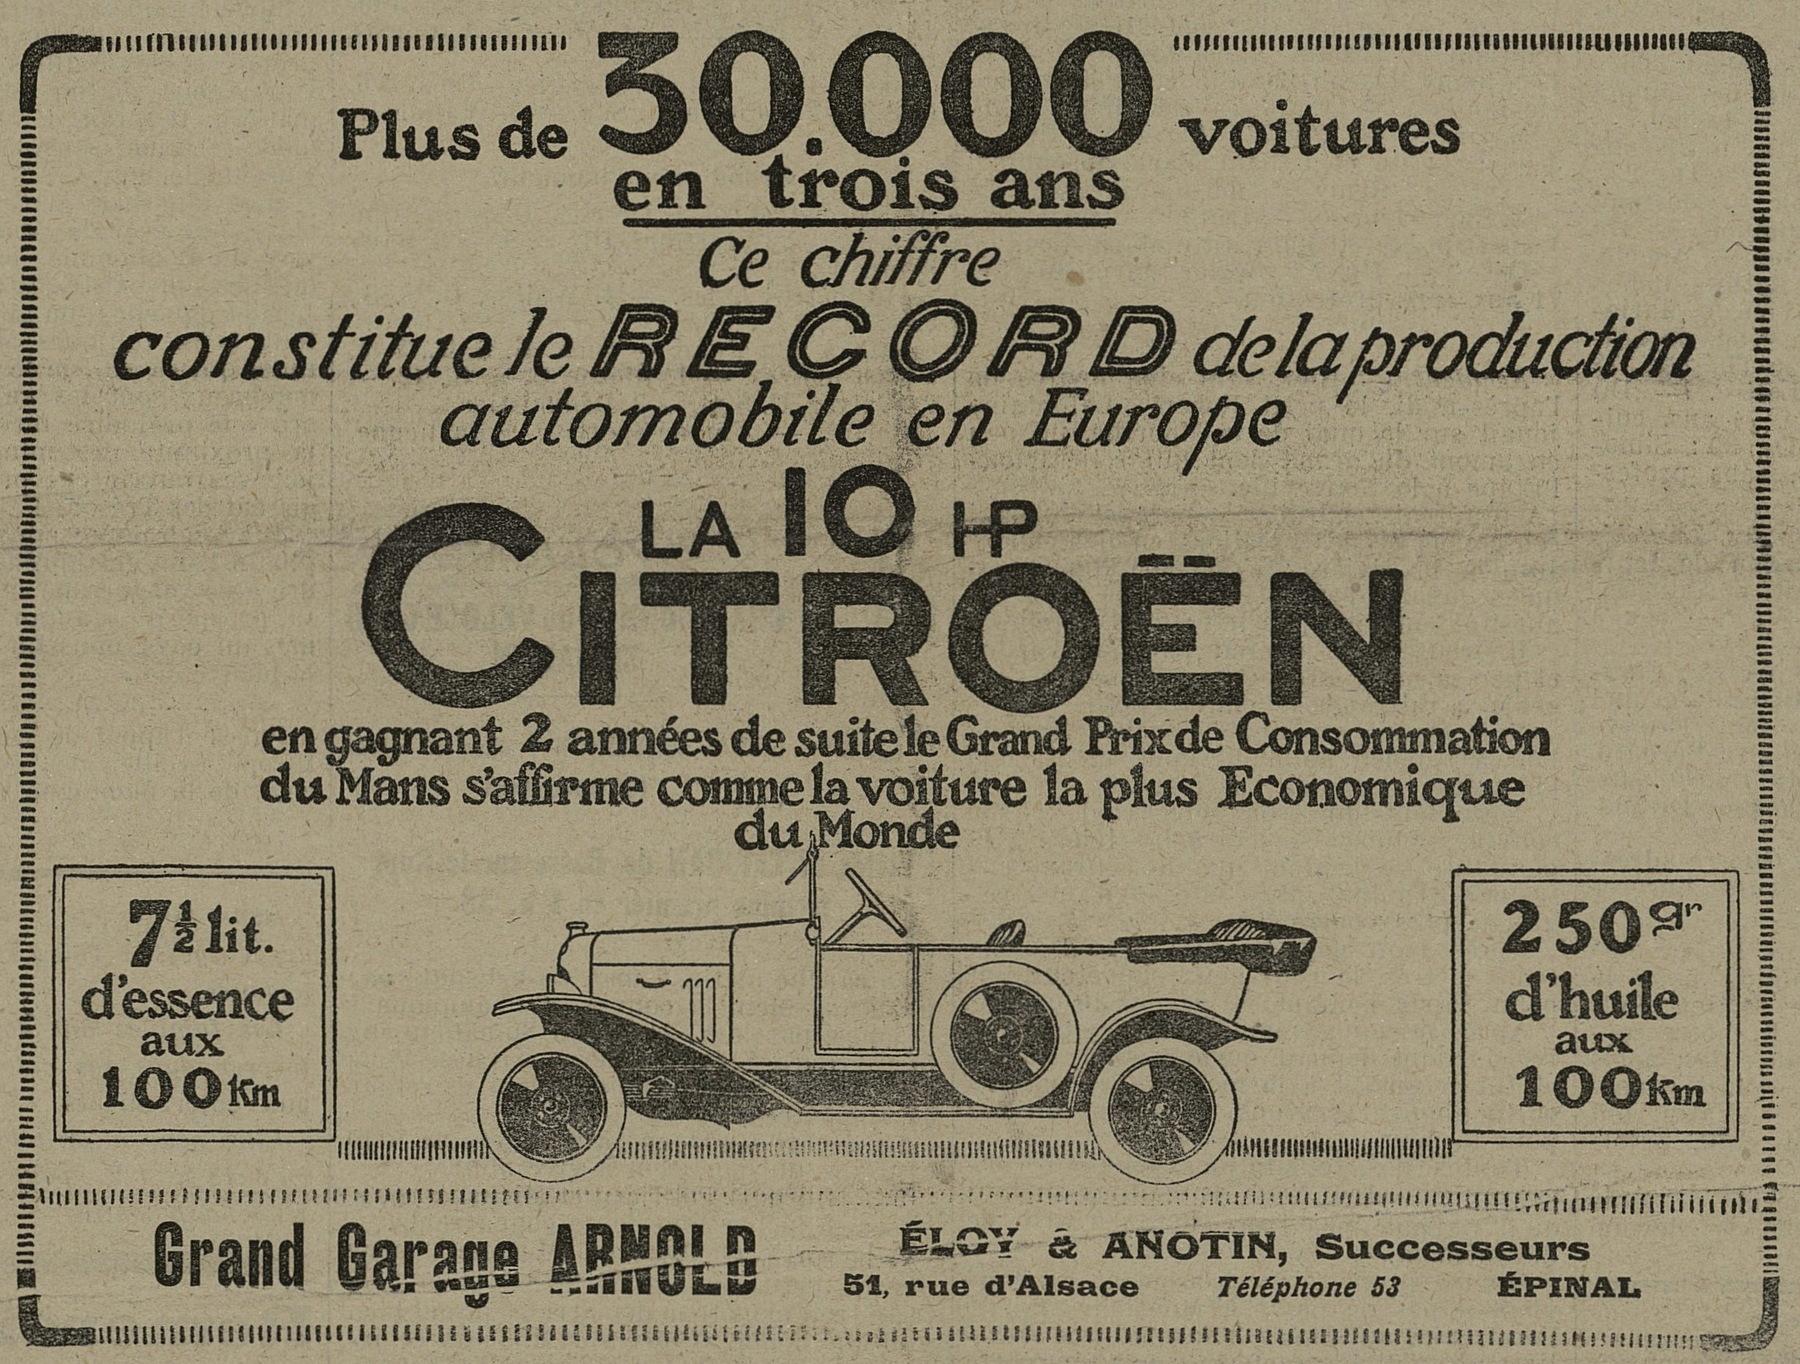 Contenu du Citroën